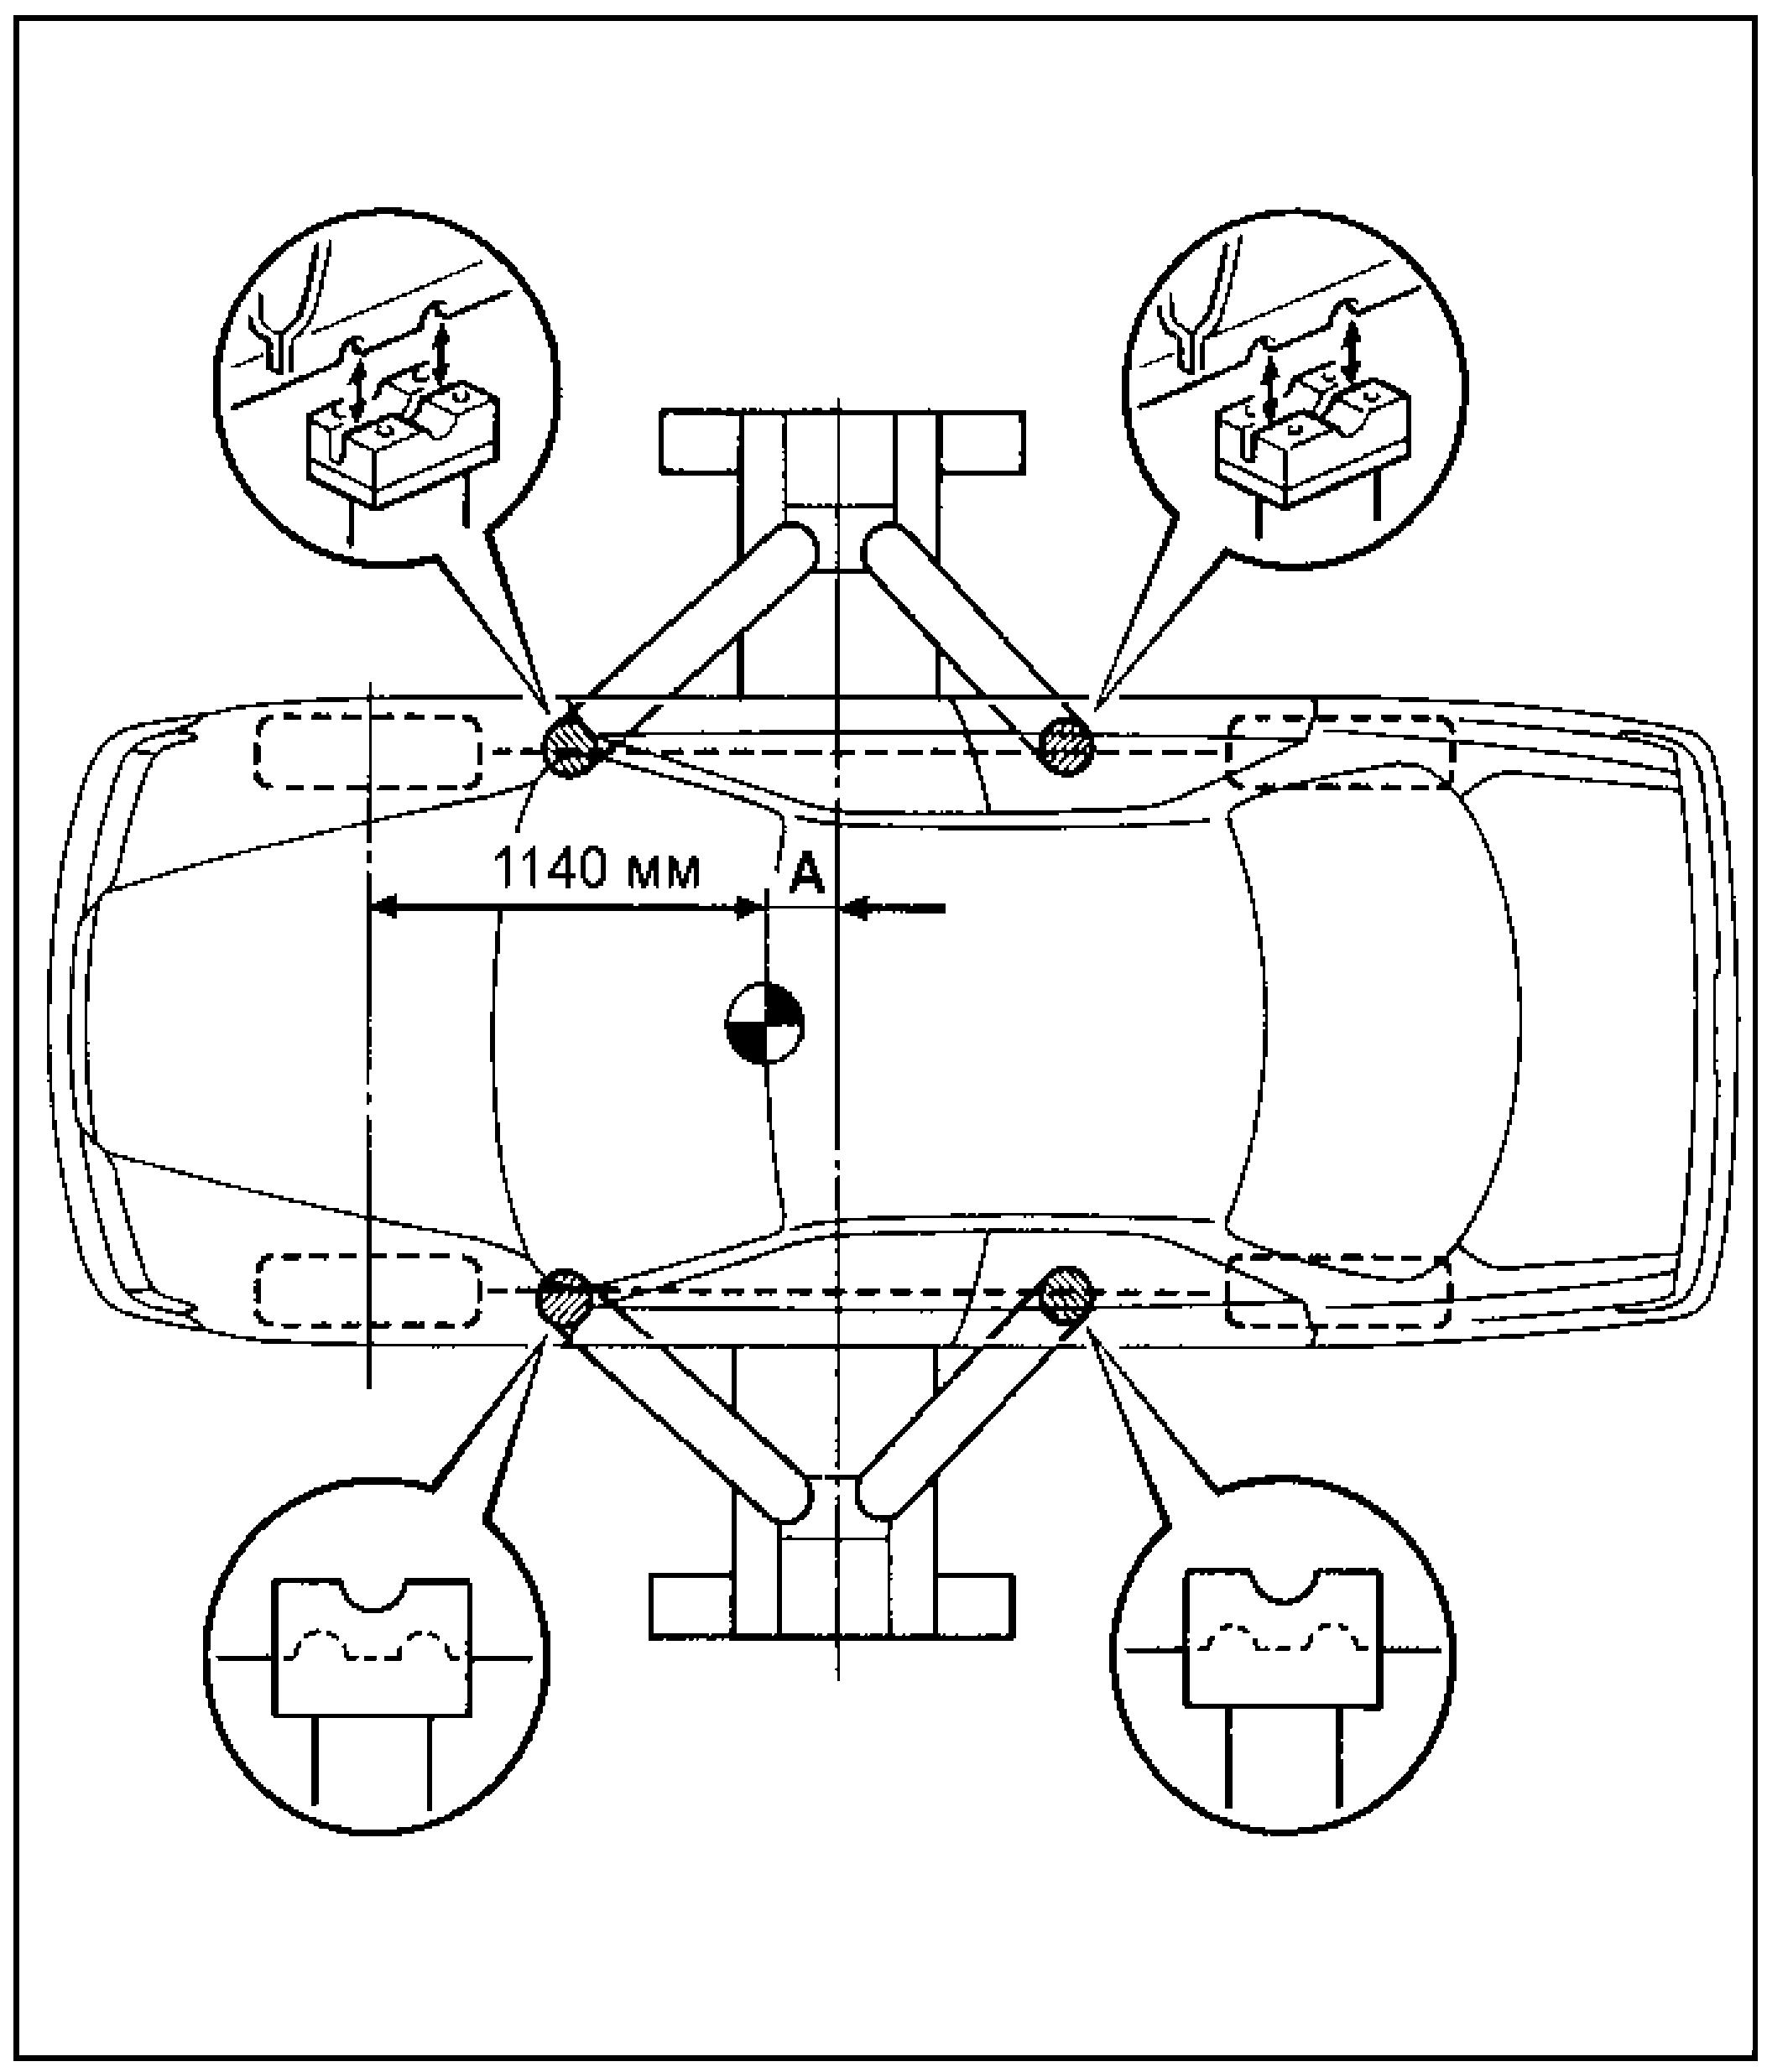 Точки установки лап подъемника